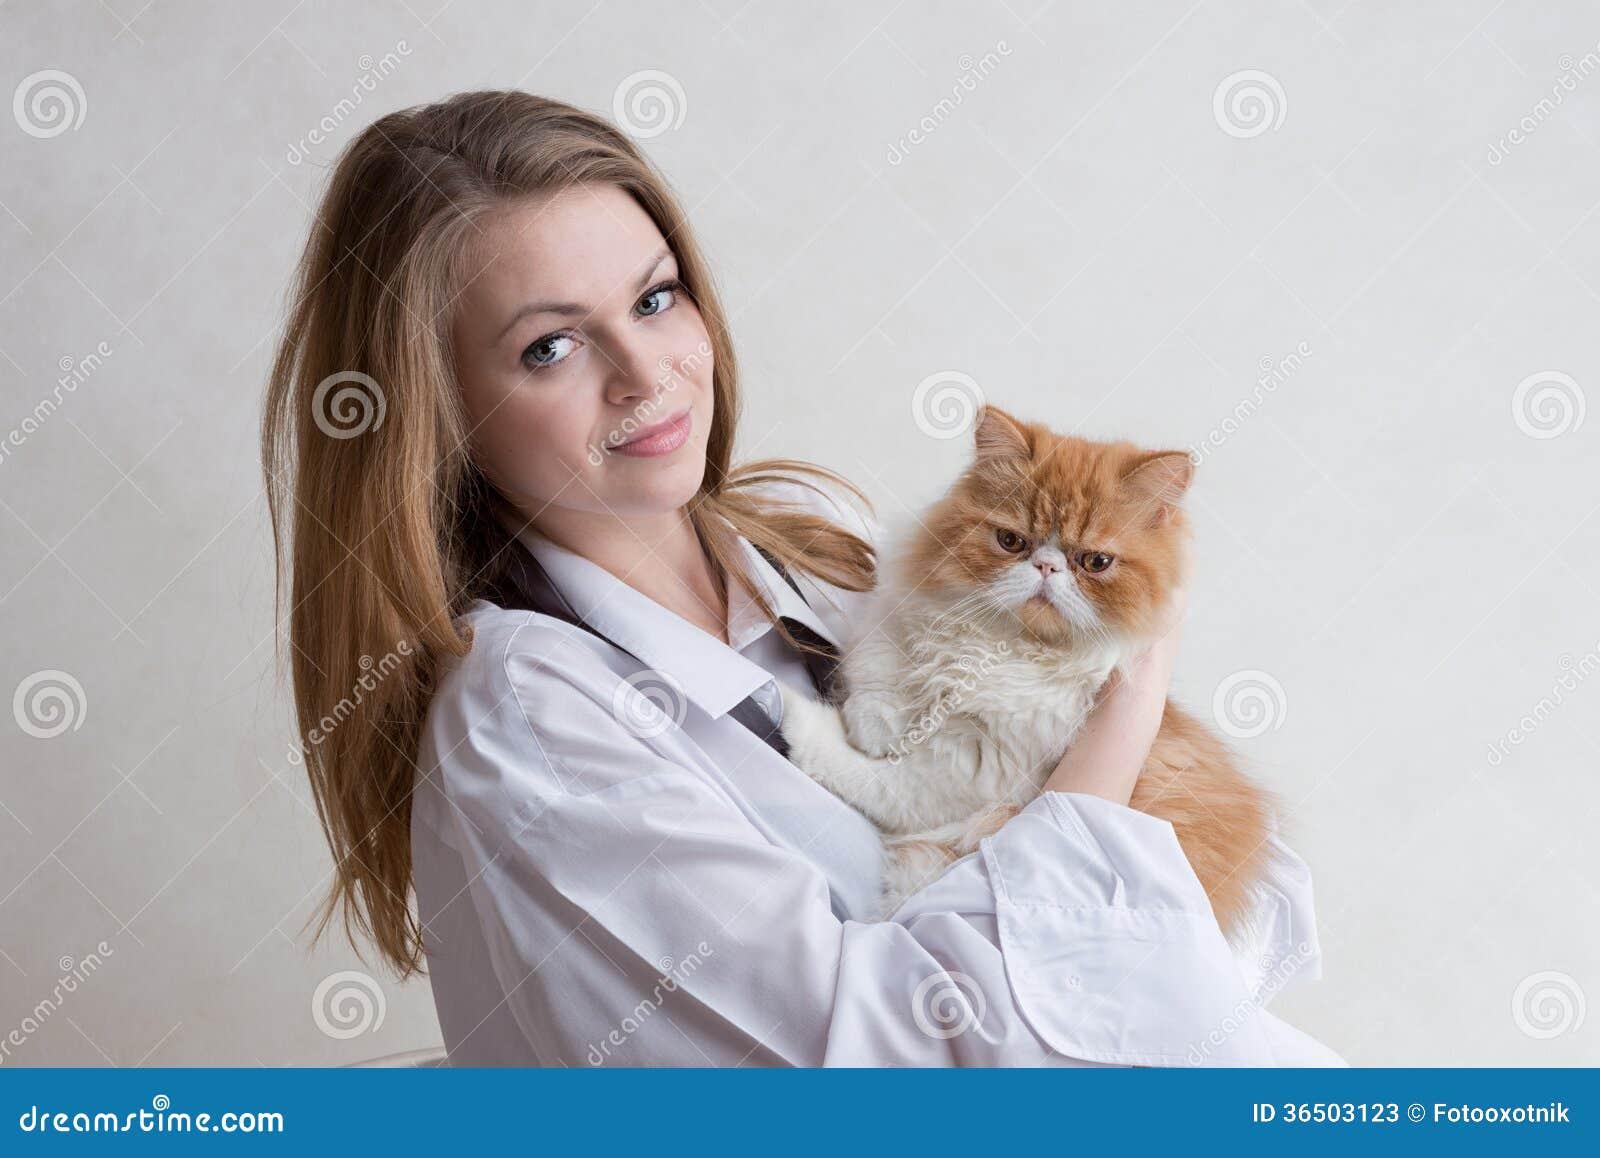 La gentille fille avec un chat rouge sur des mains